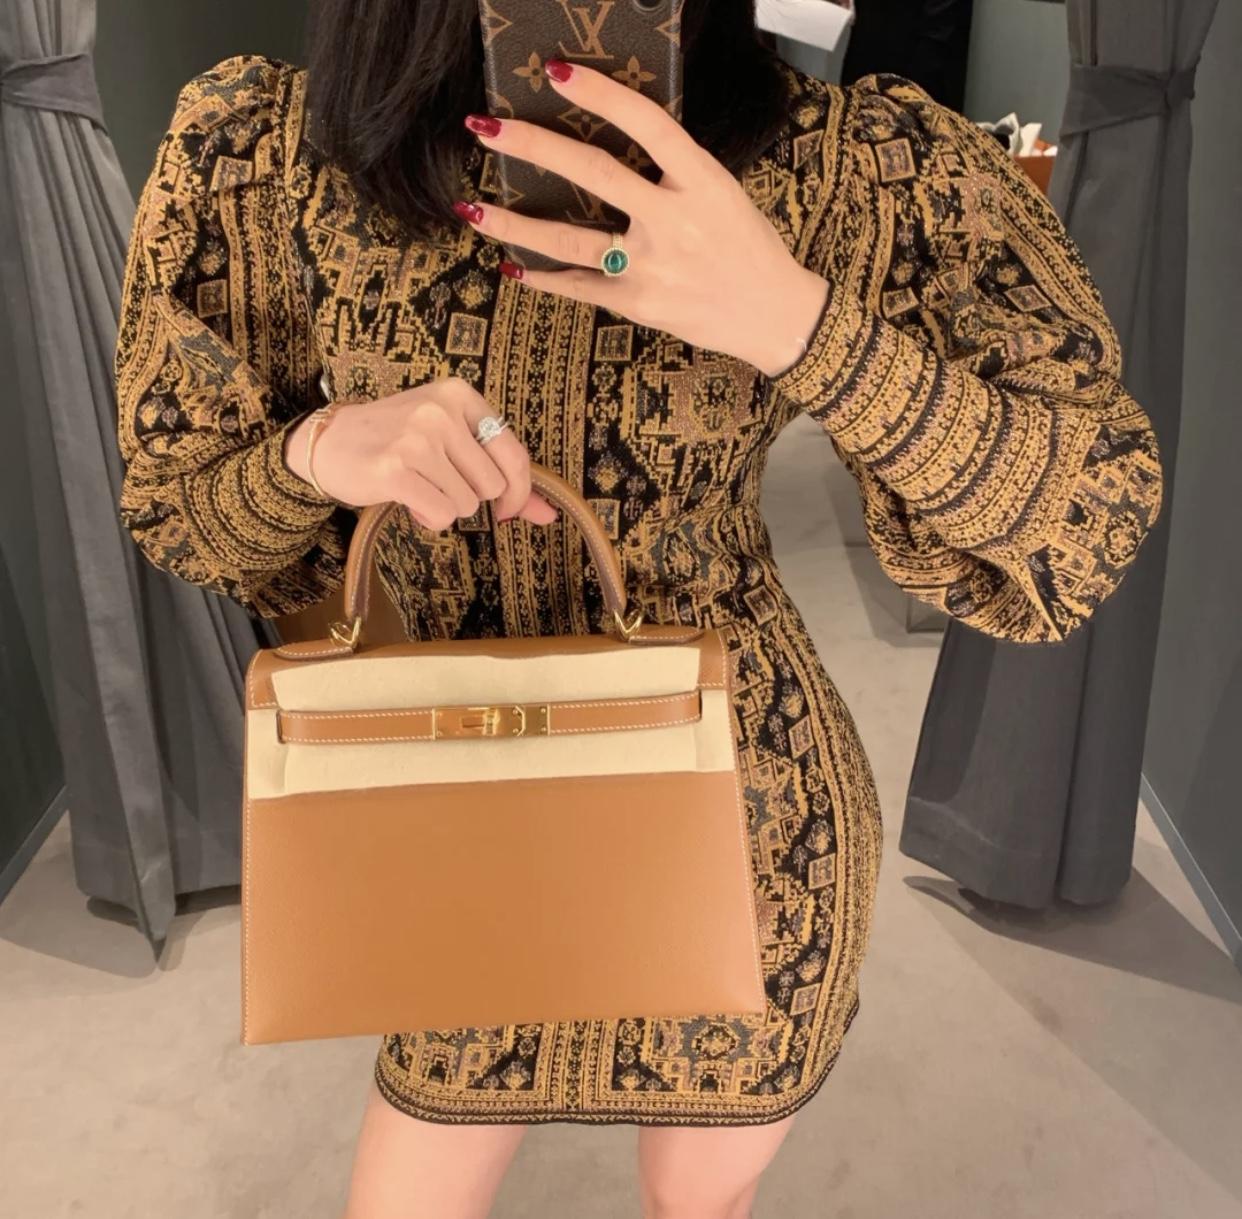 愛馬仕凱莉包28寸多少錢 上身效果圖片 Hermes Kelly 28cm ck37金棕色